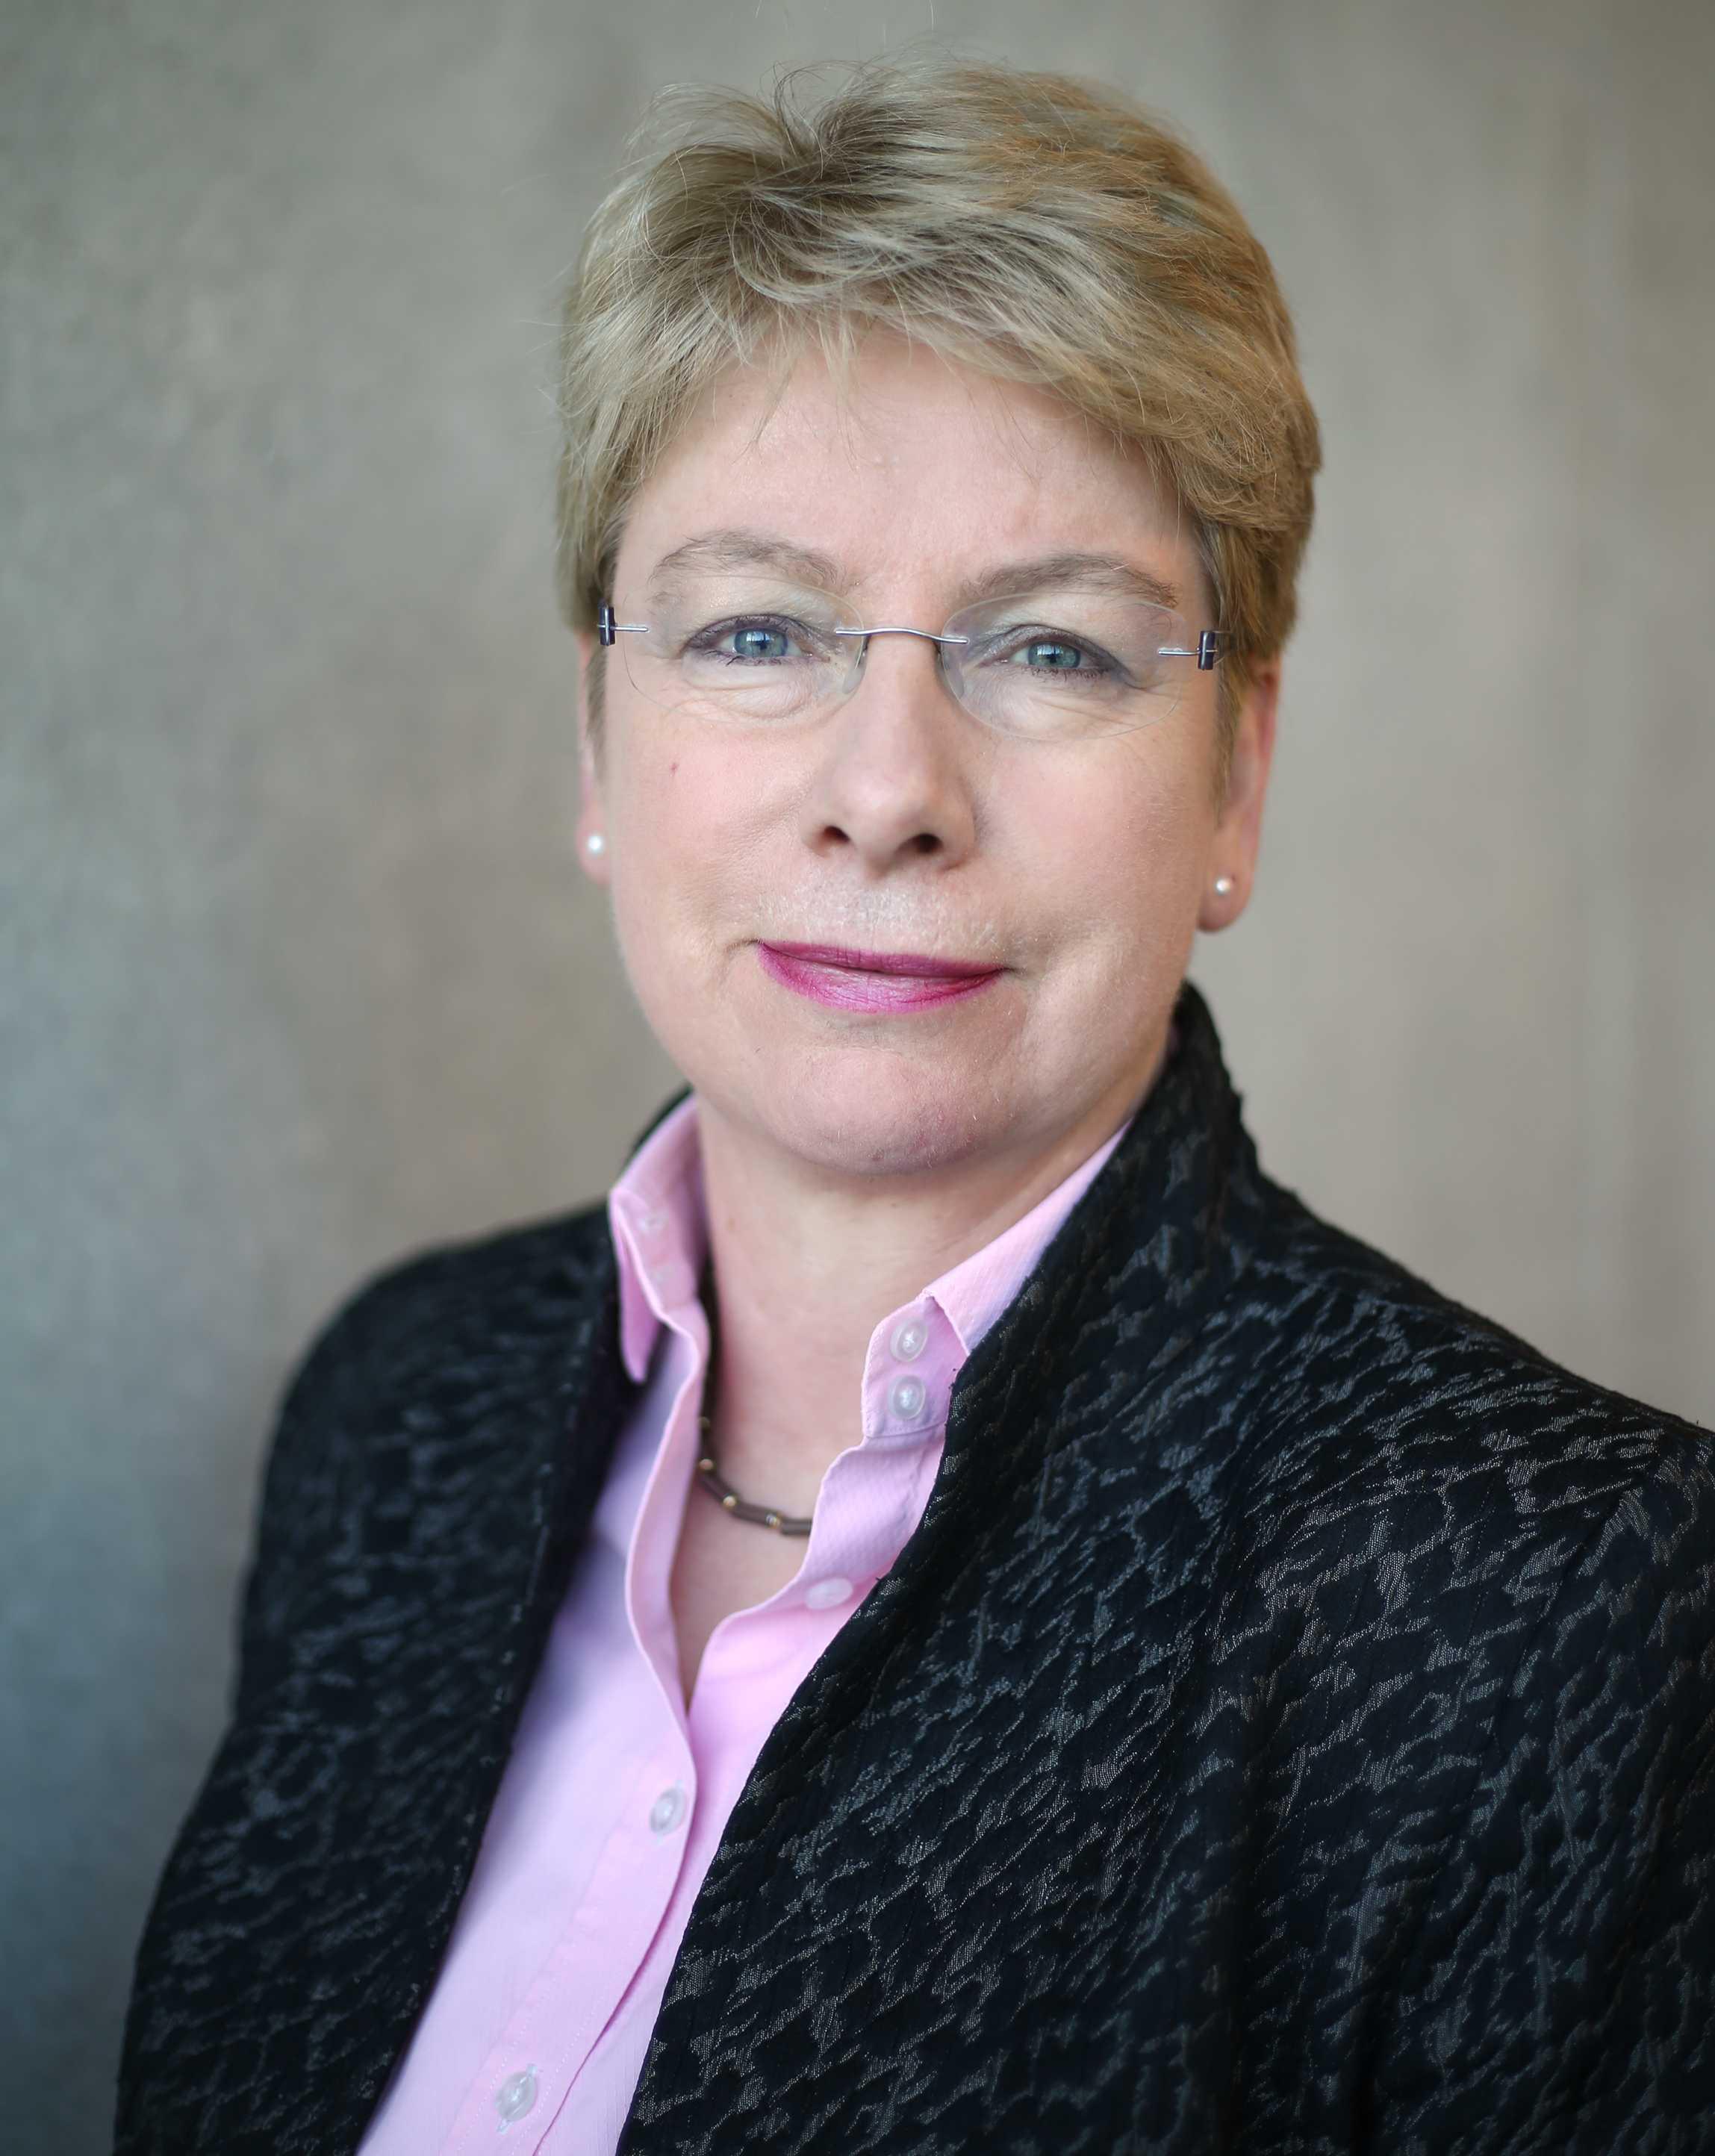 Erfurter Professorin in Päpstlicher Kindderschutzkommission